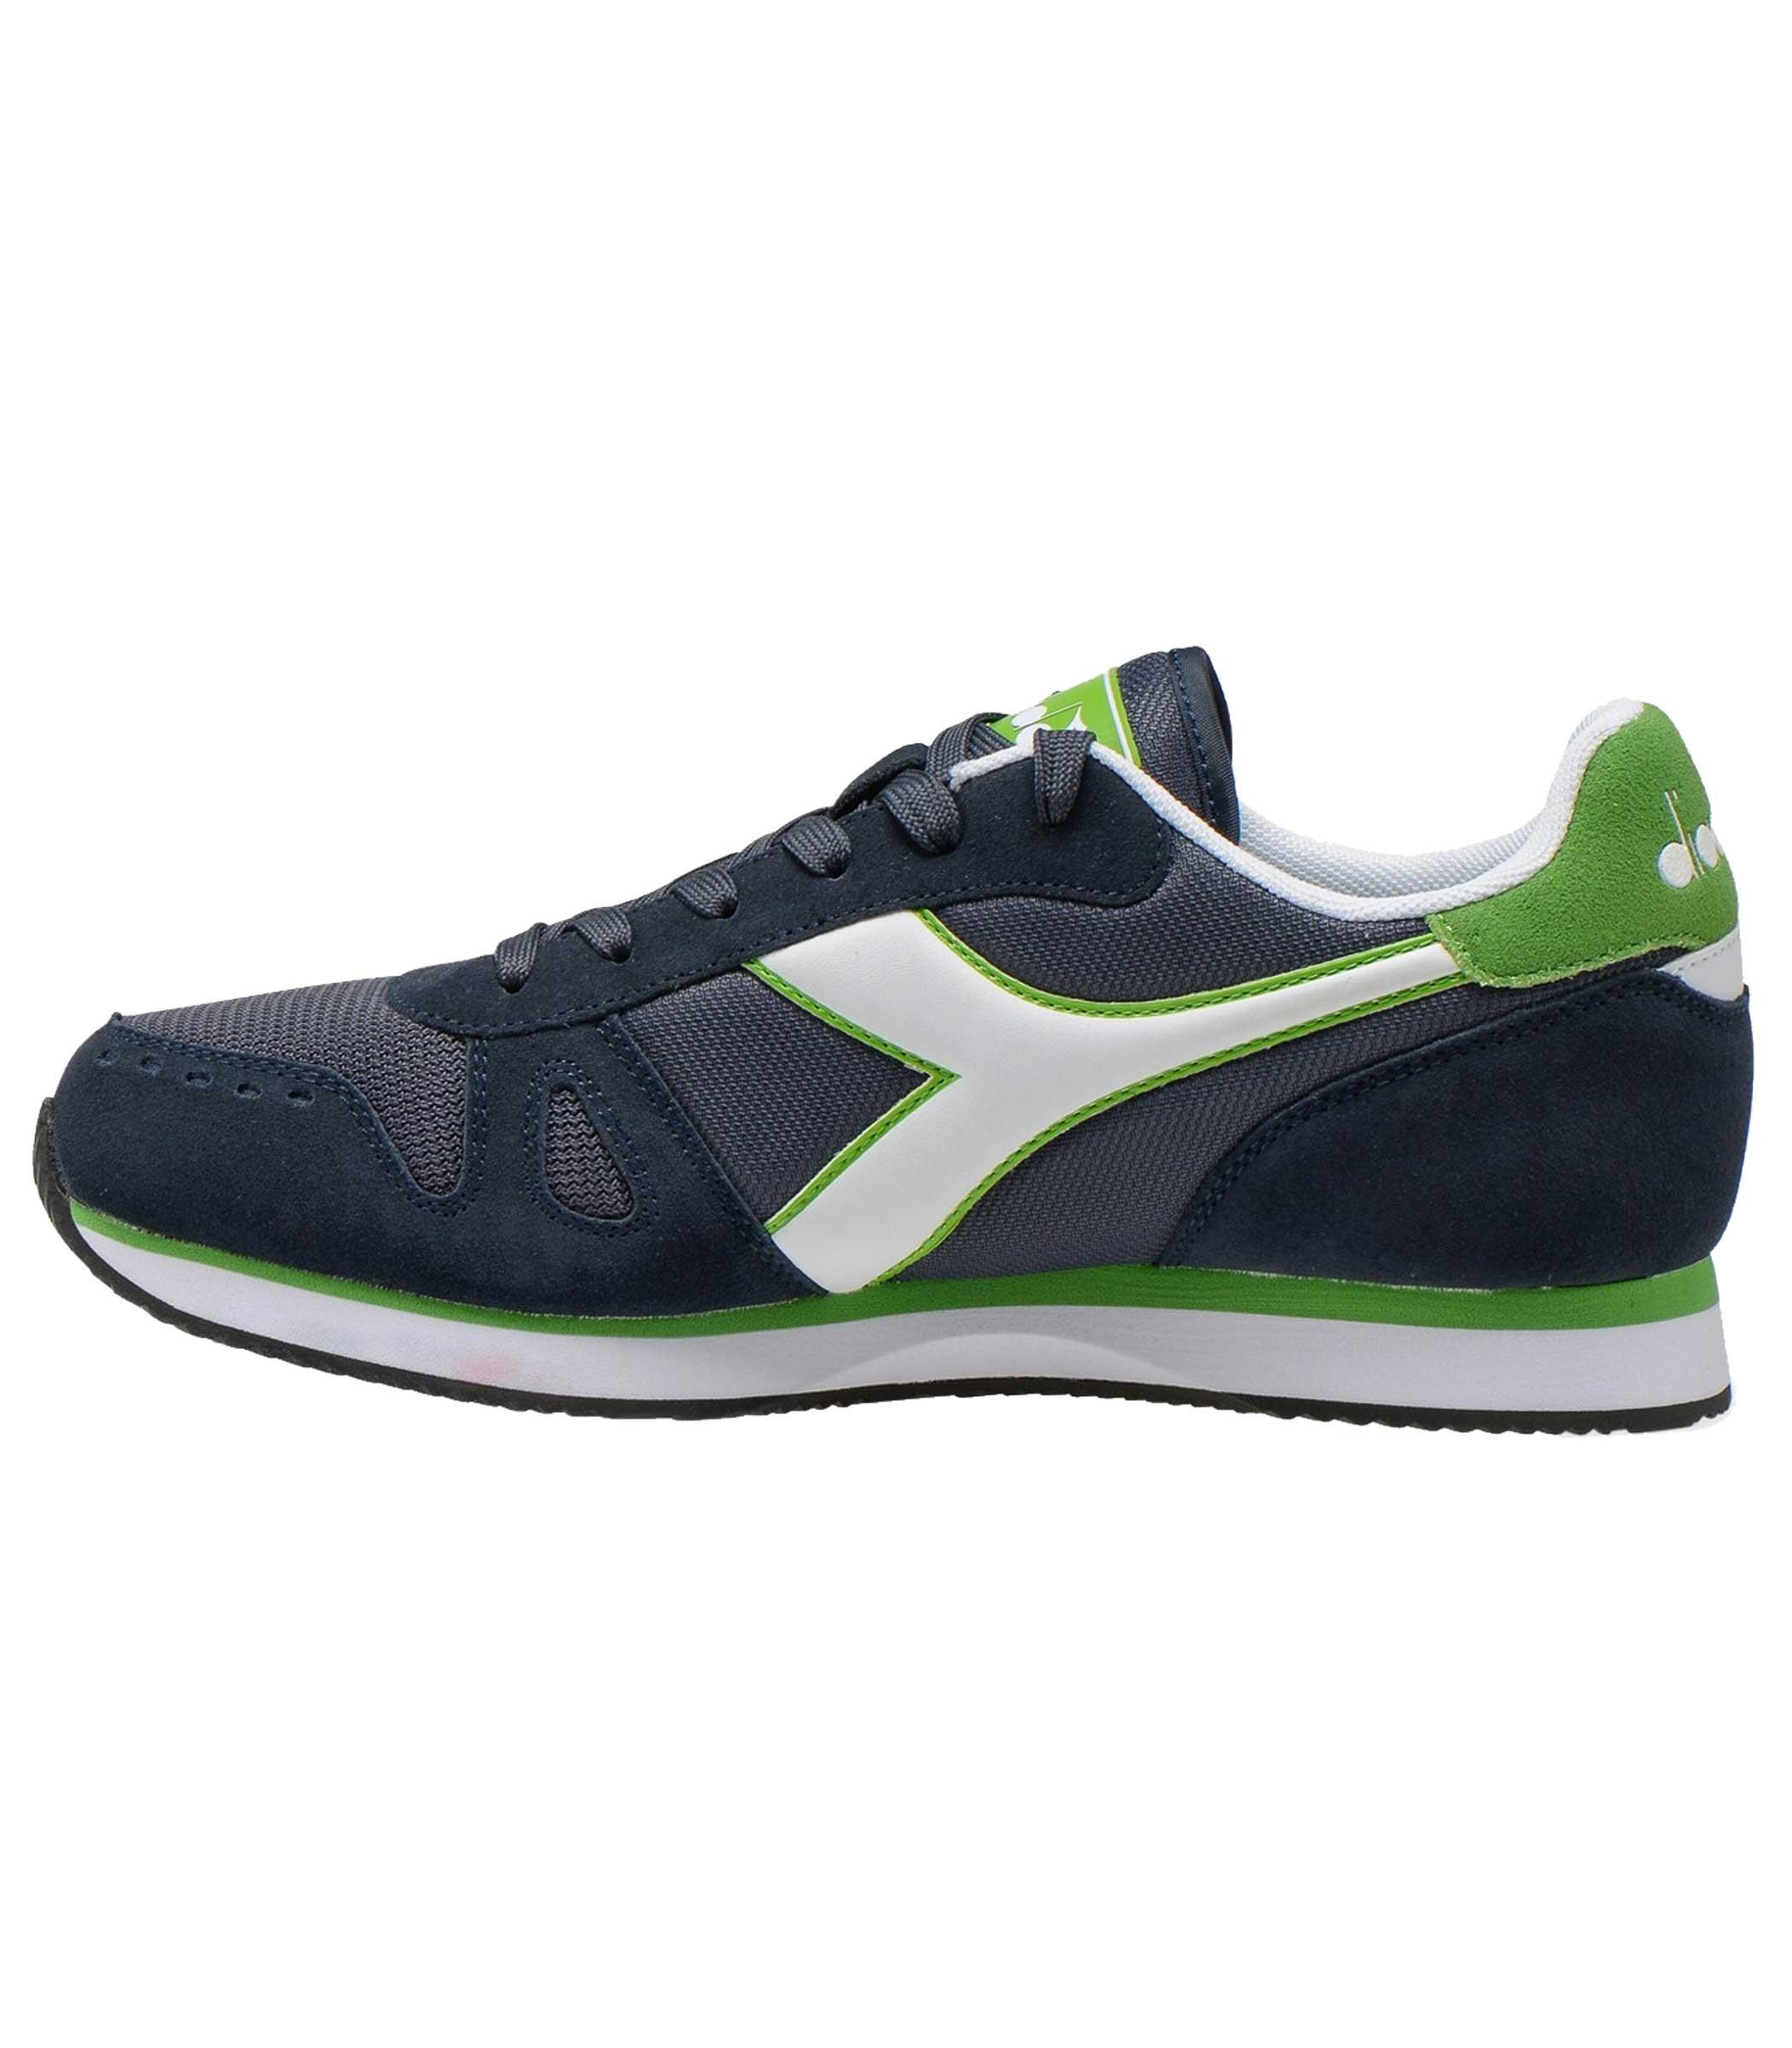 Scarpe Sneakers Uomo 101 173745 Simple Da Rif Diadora Run r7Trq a3141686f62